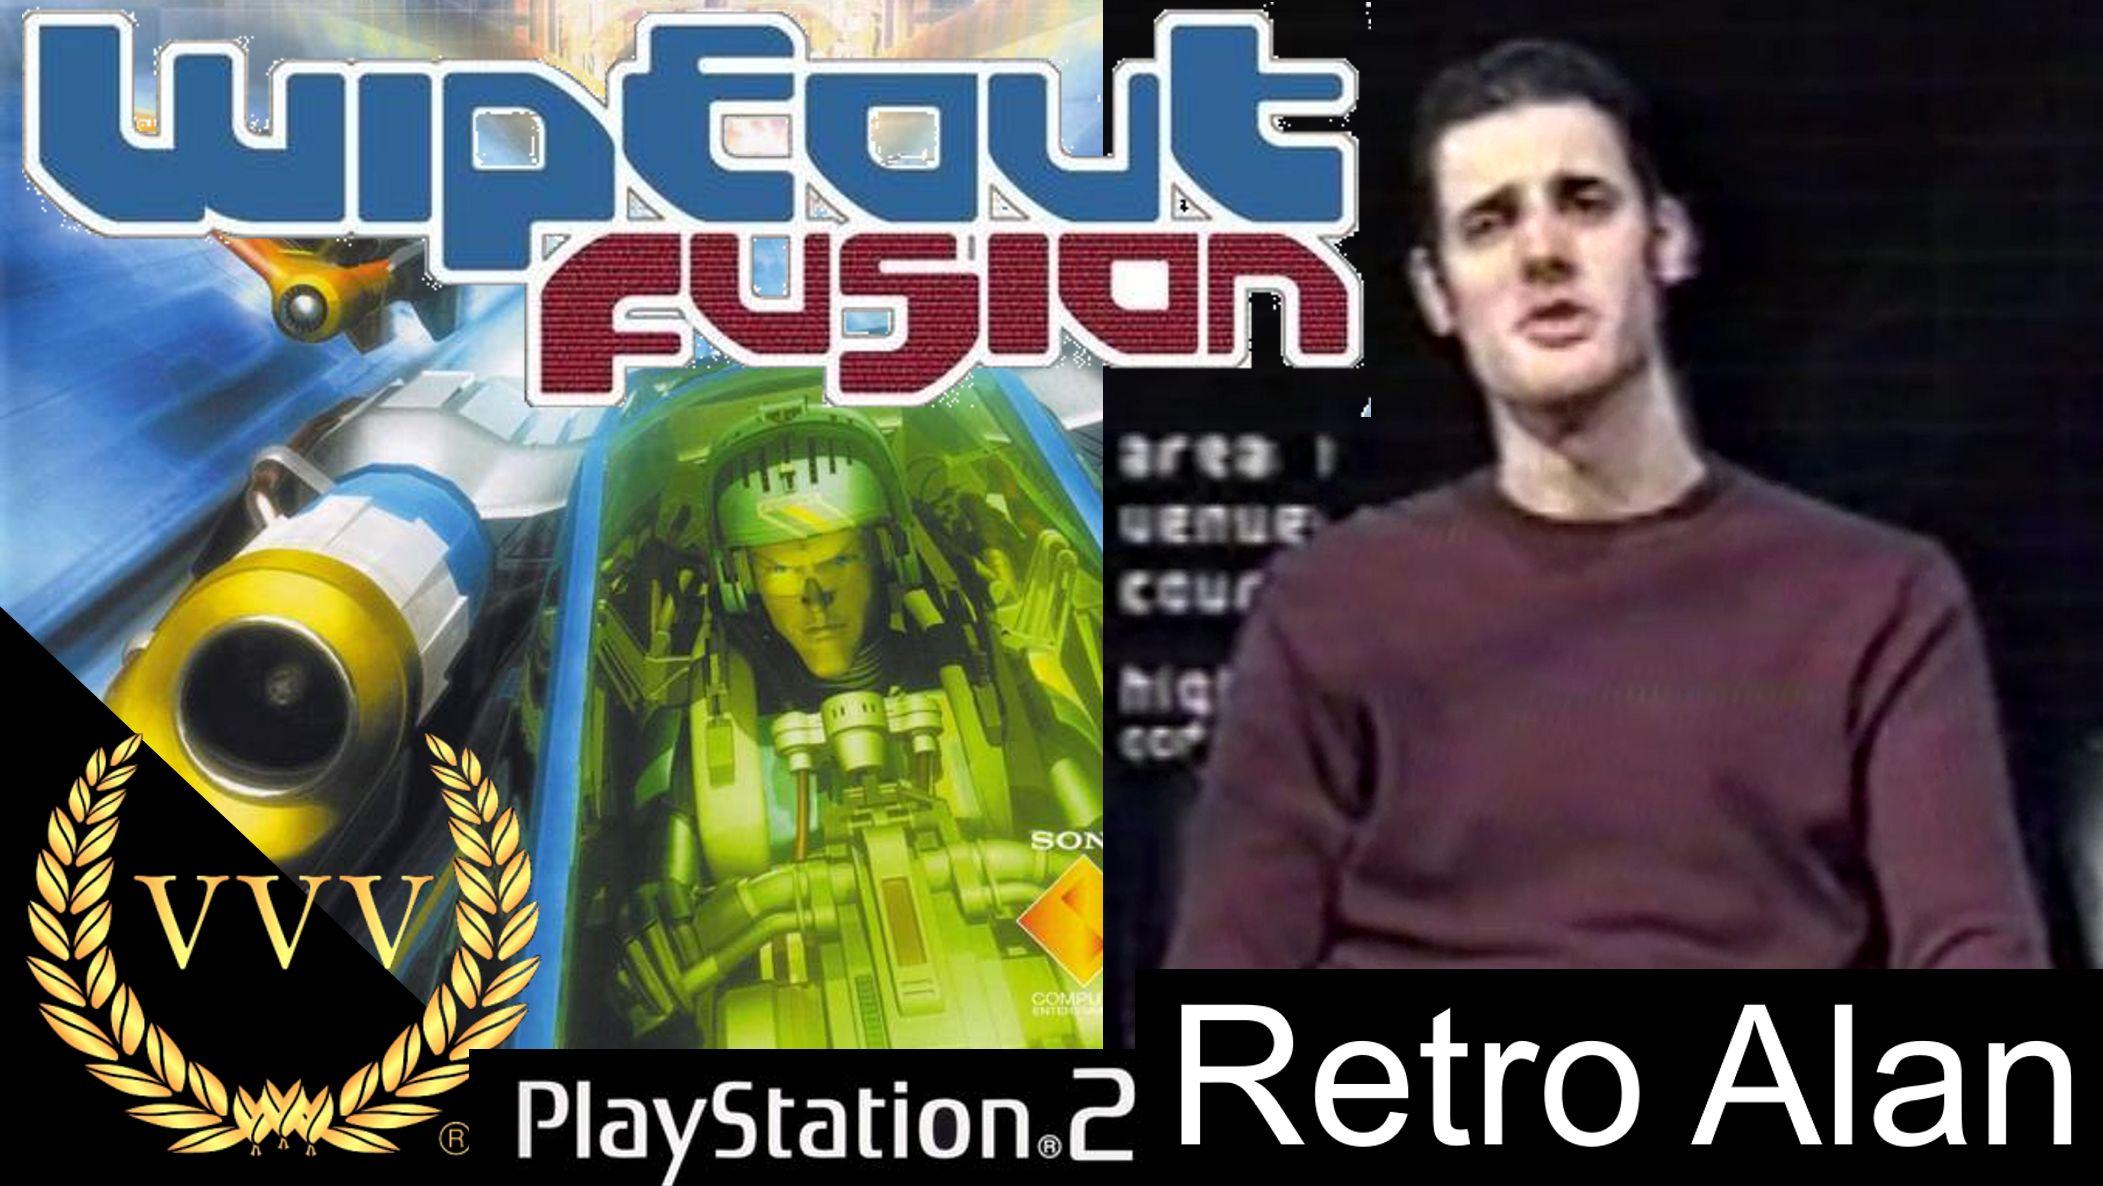 Retro Alan 1: Wipeout Fusion